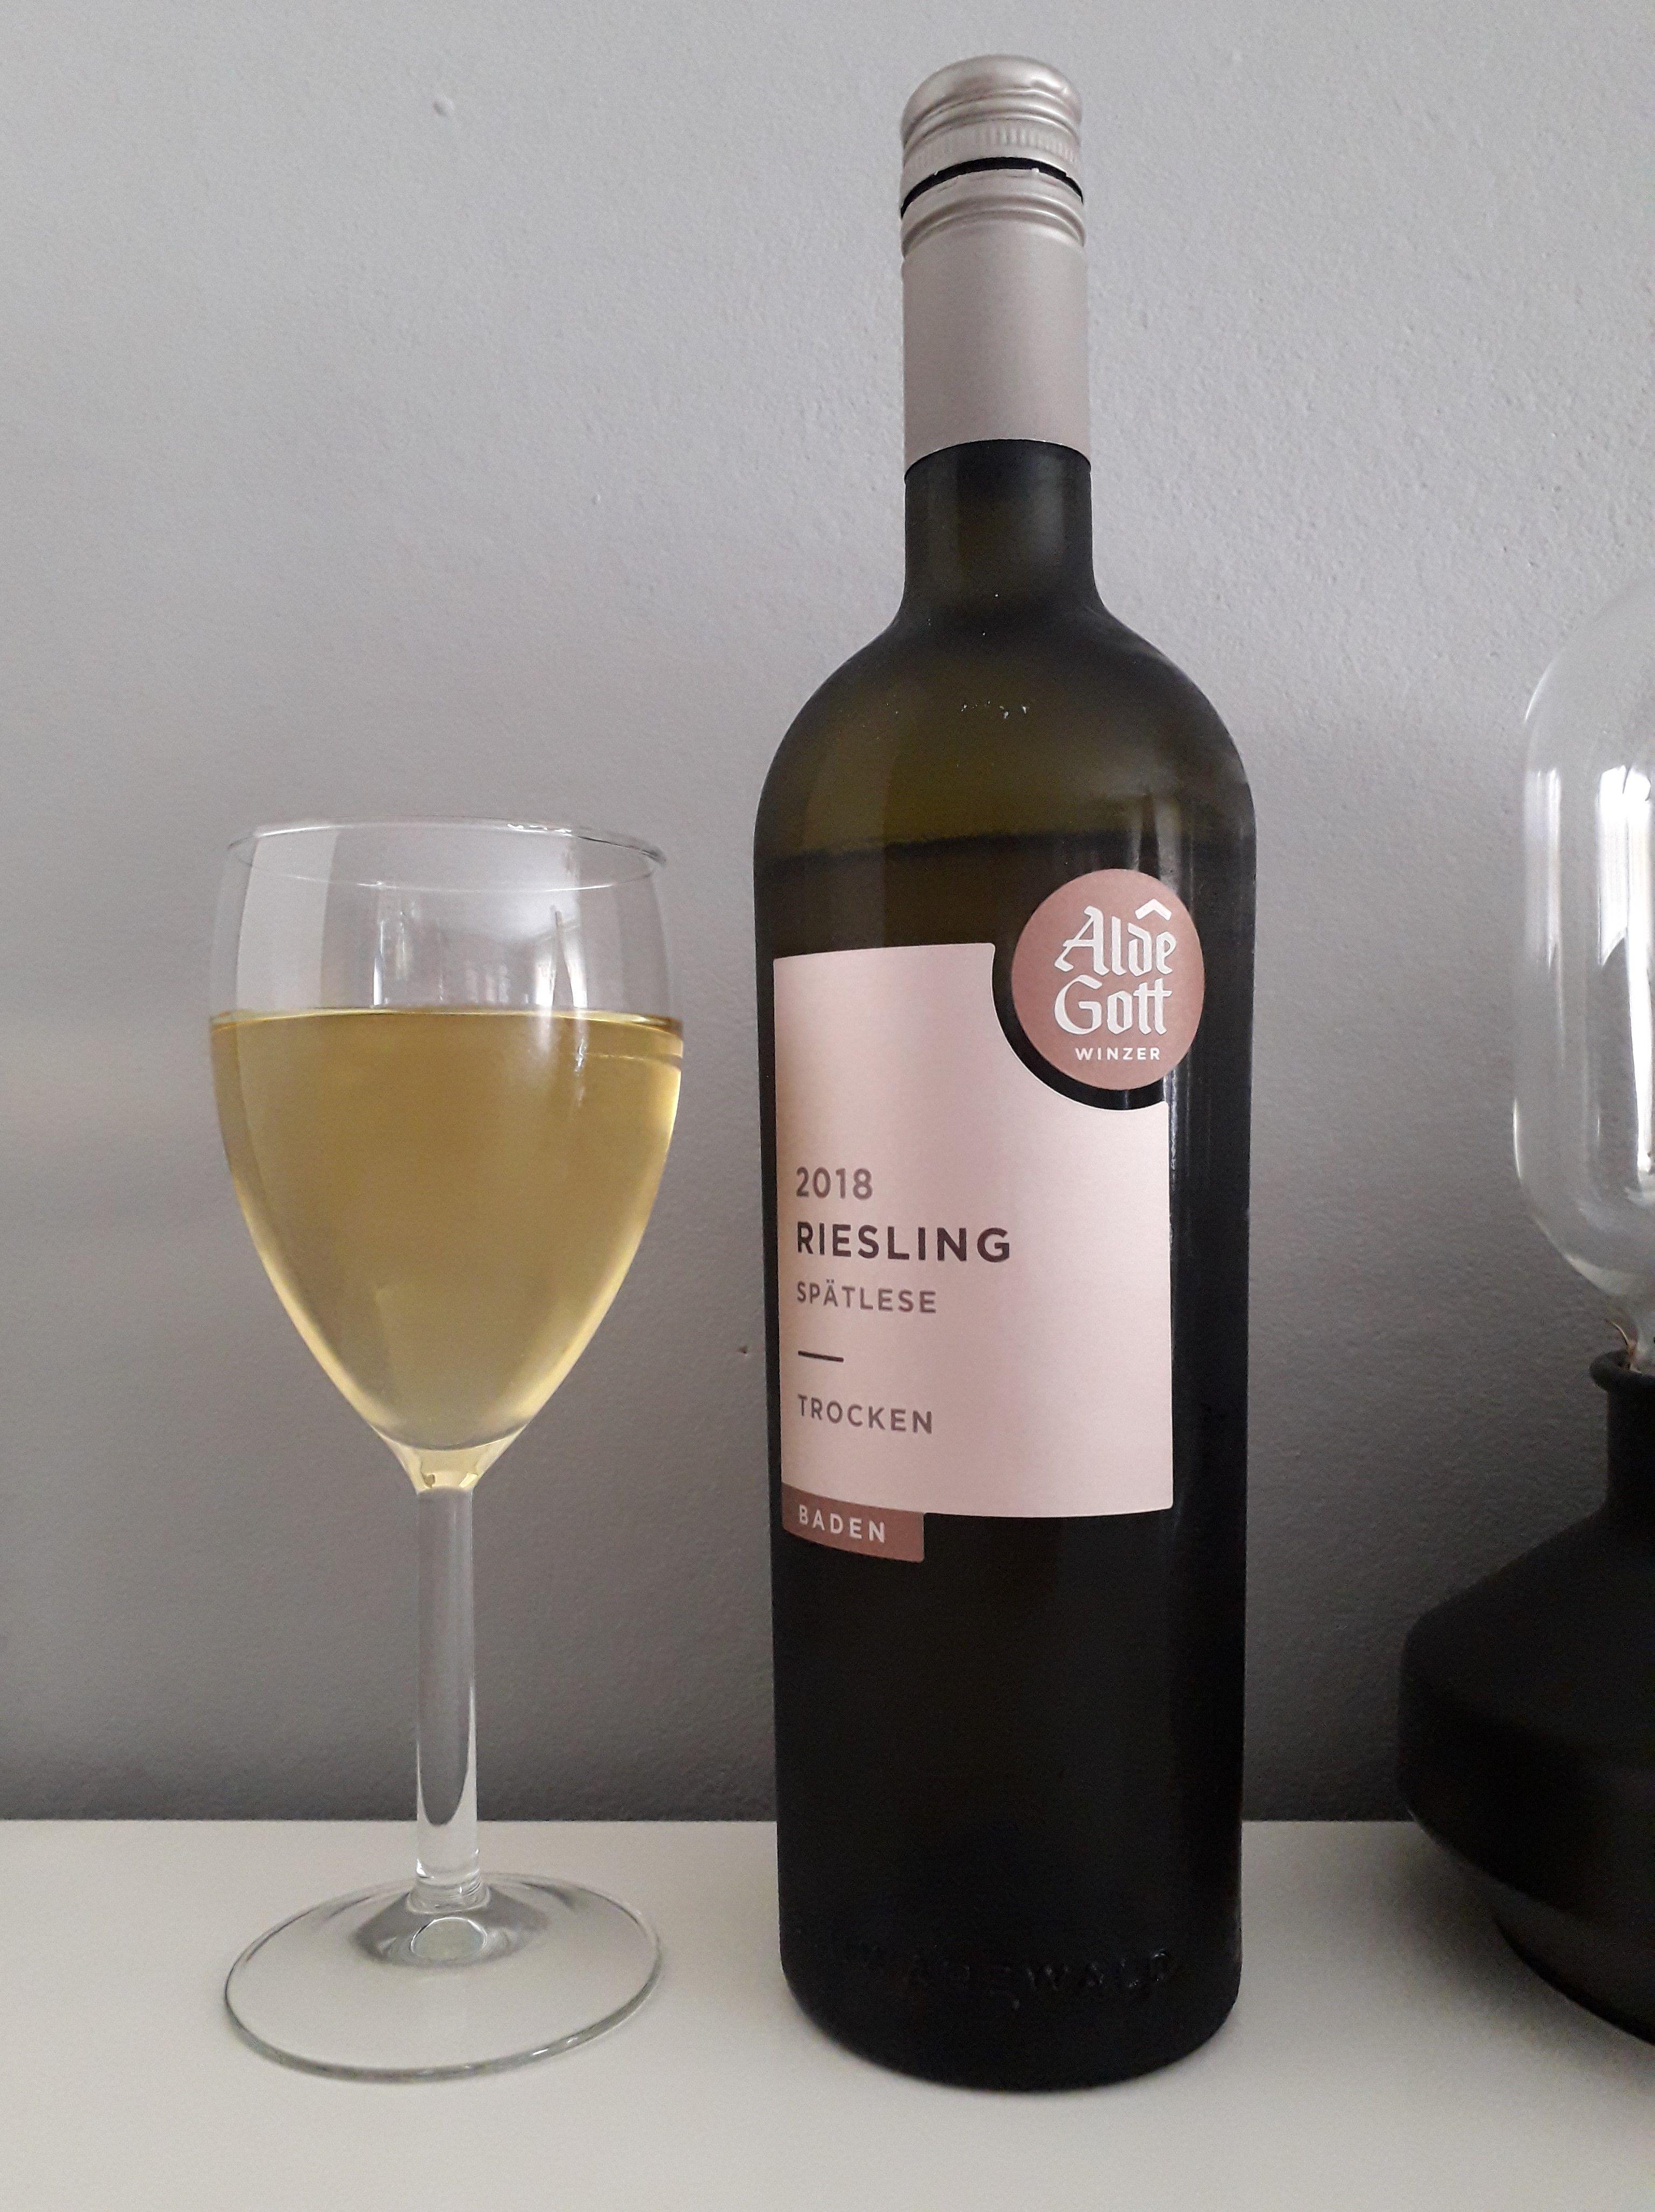 Alde Gott Riesling Spätlese 2018 Vino Blanco Riesling Vinos